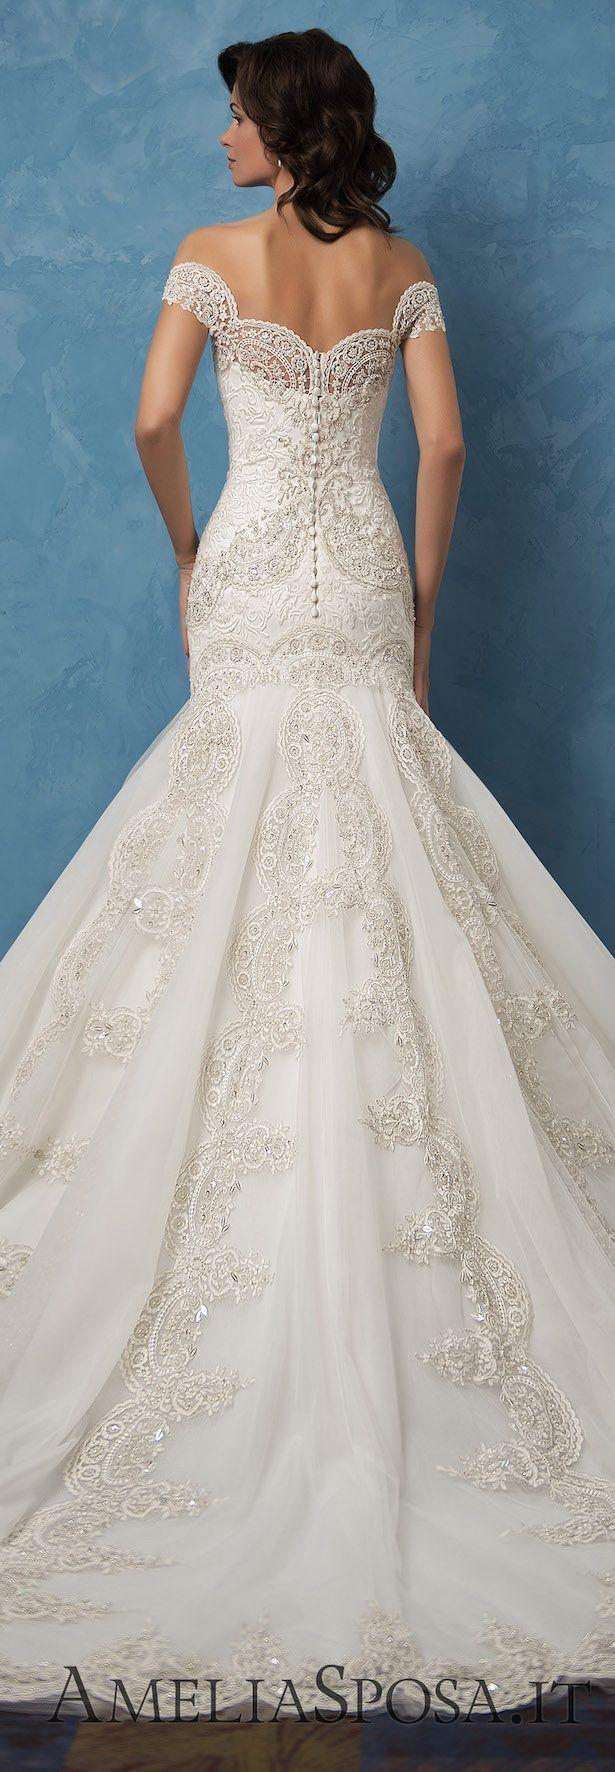 Best 25+ Royal blue wedding dresses ideas on Pinterest ...